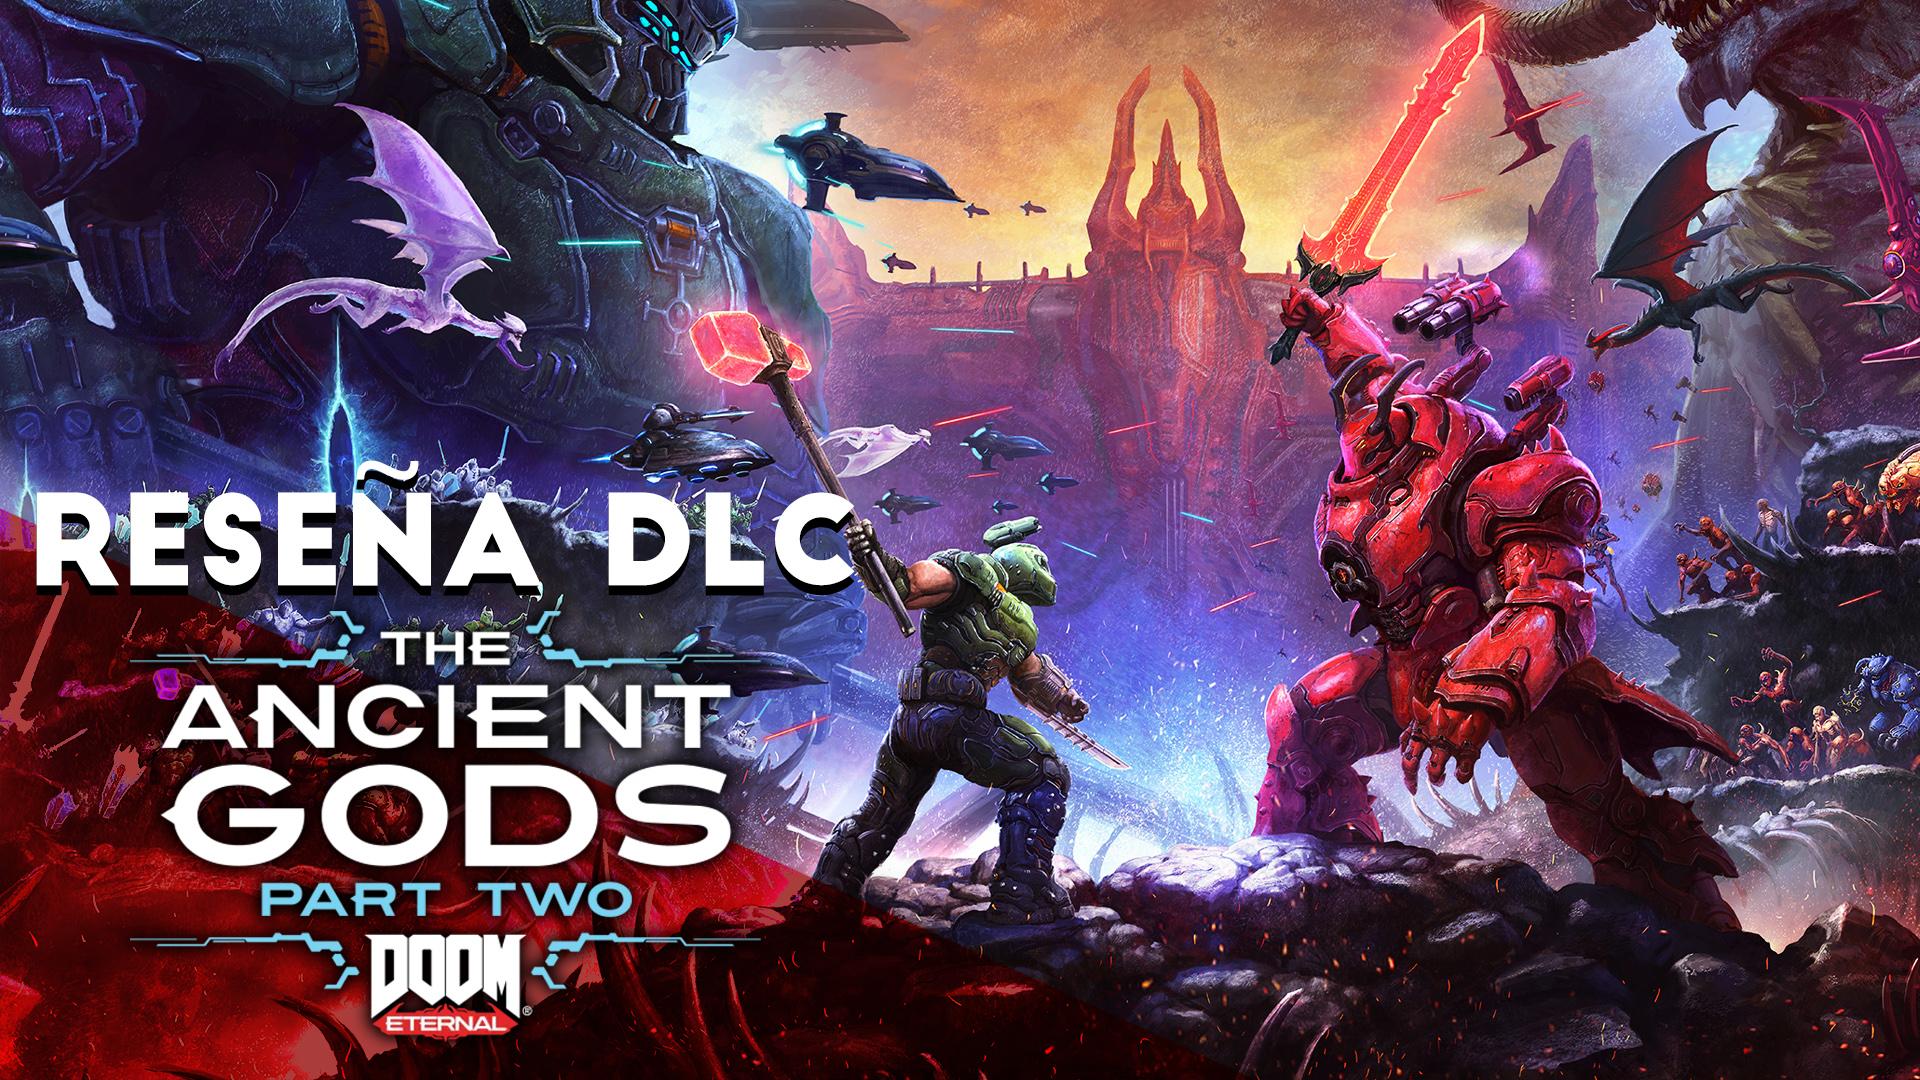 Reseña DLC DOOM Eternal: The Ancient Gods – Part 2